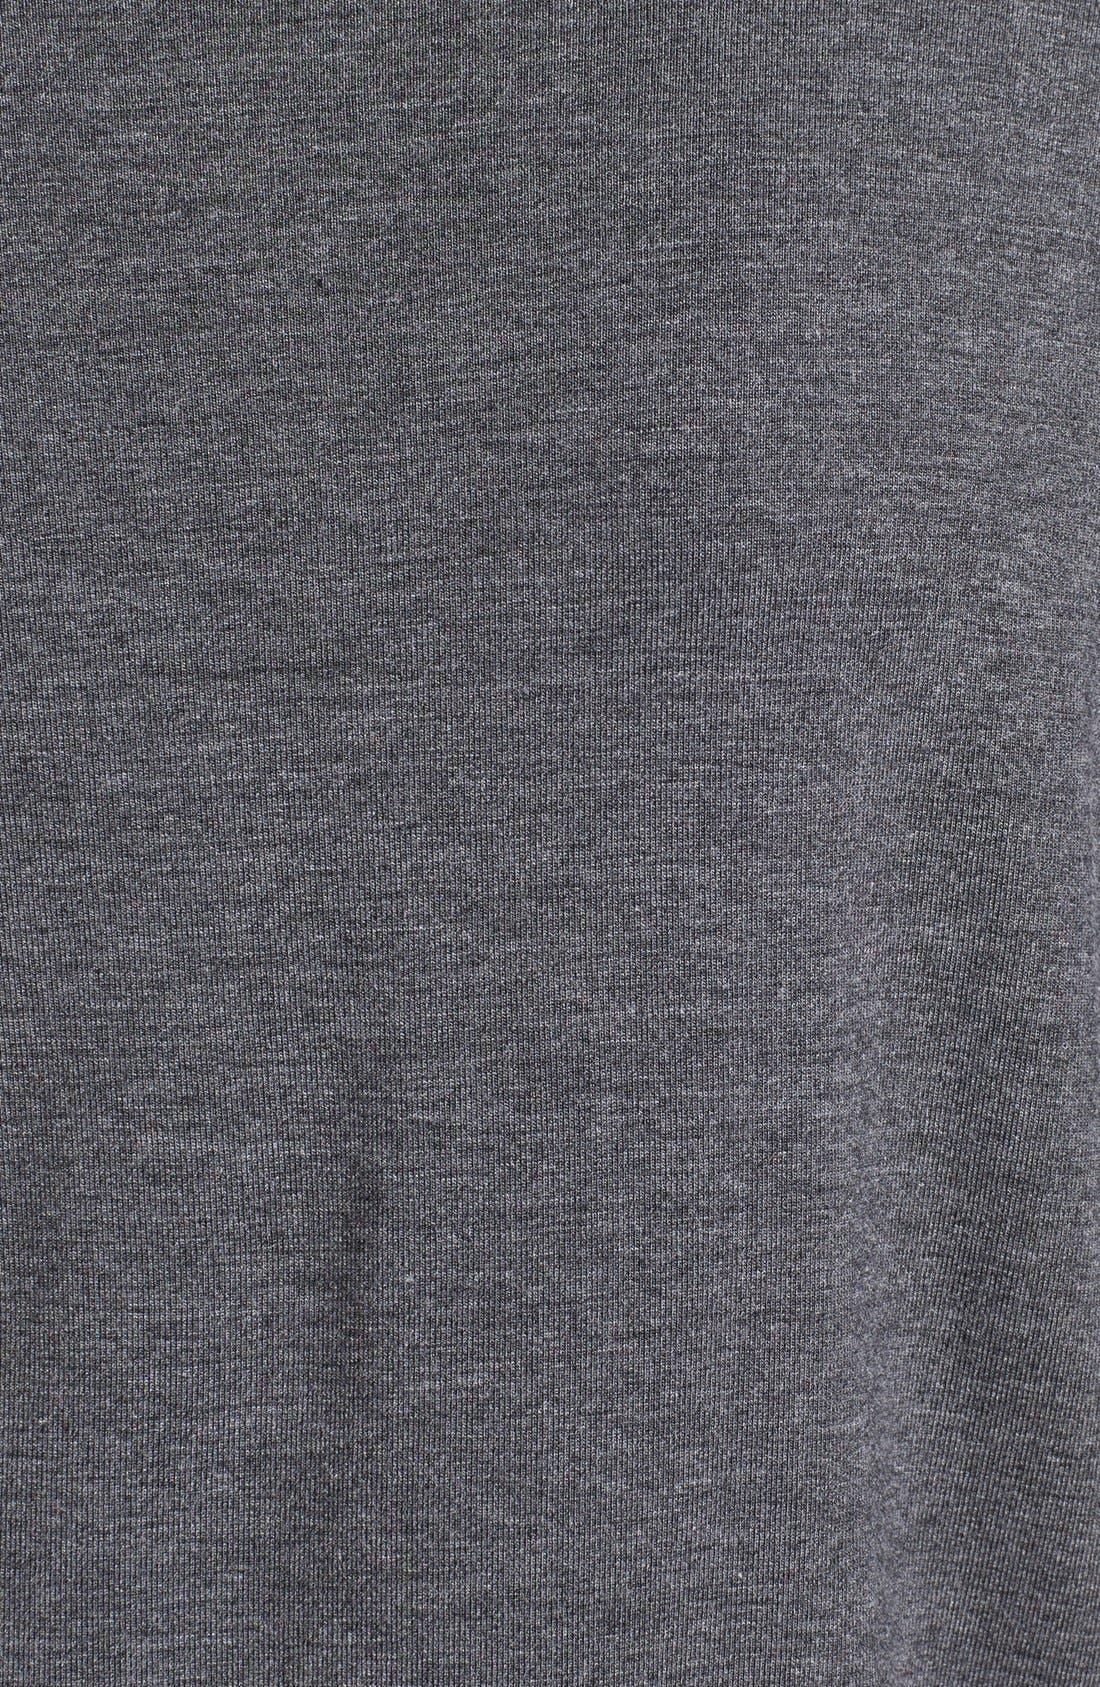 Alternate Image 3  - Bobeau Chiffon Yoke Pullover